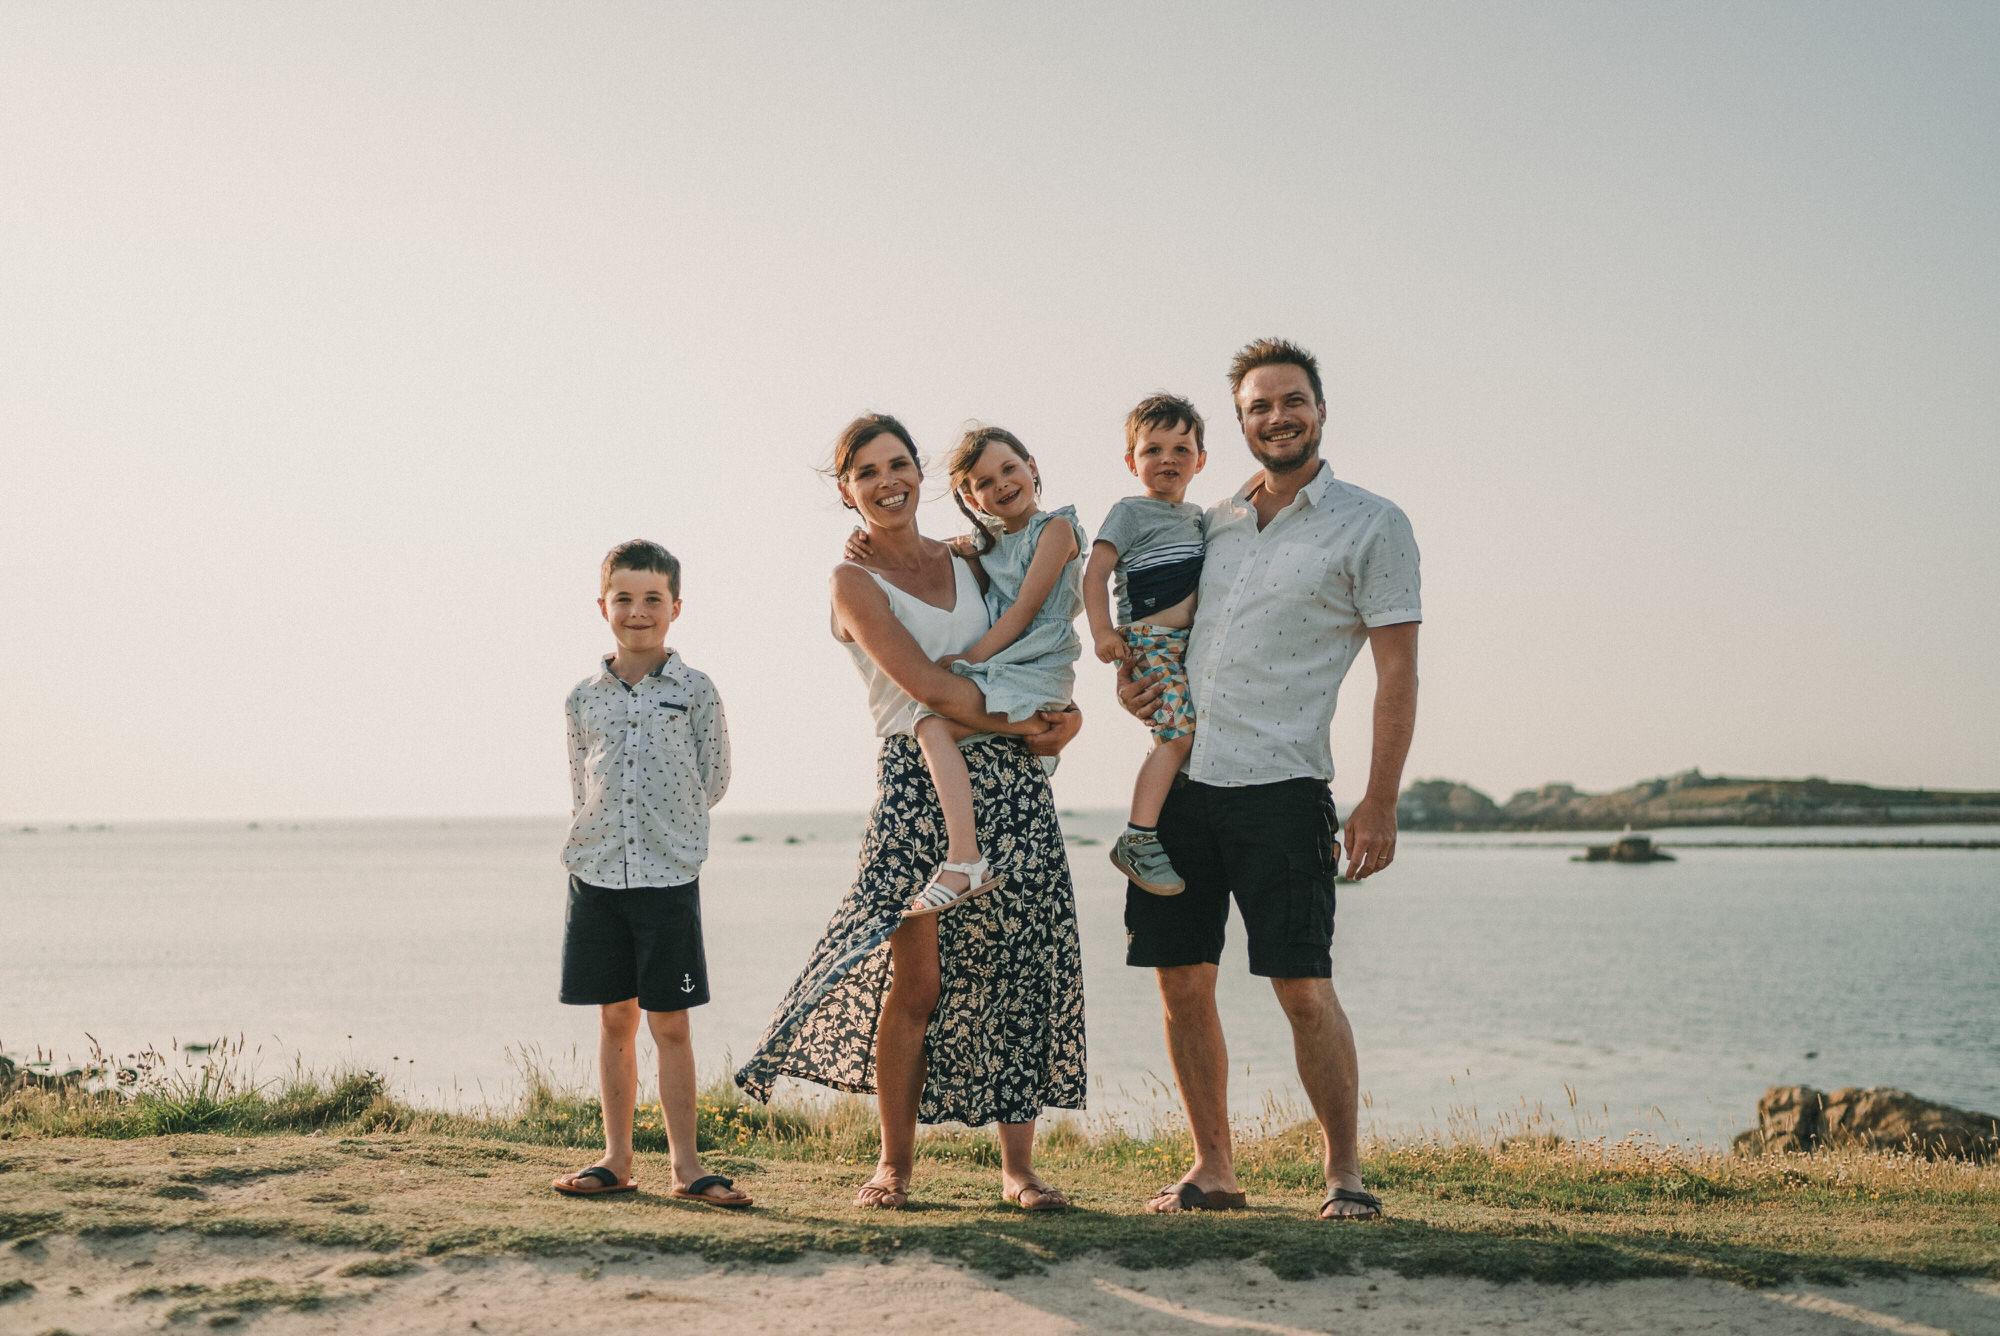 2021.07.20 Photo De Famille A Porspoder En Bretagne Par Antoine Borzeix 72, Photographe & Videaste à Brest / Finistère